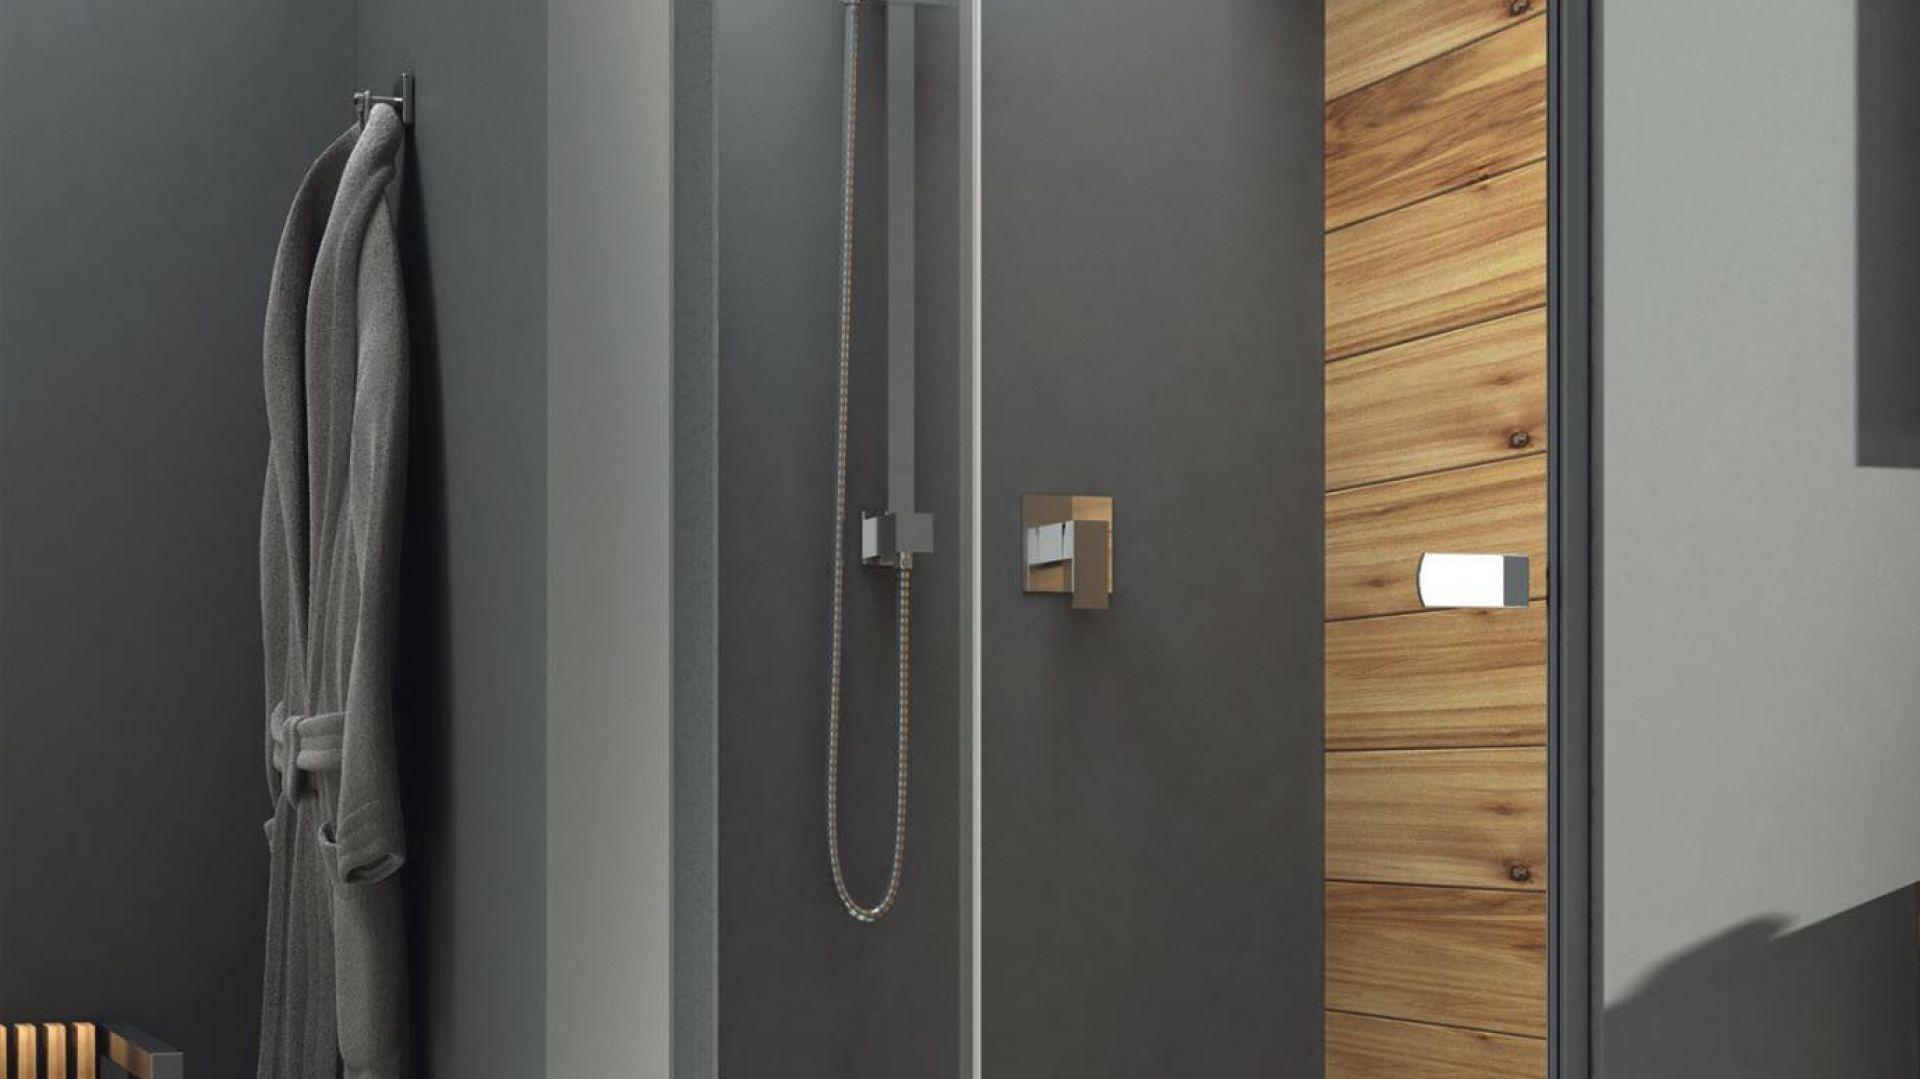 Aranżacja komfortowej i bezpiecznej łazienki. Fot. Aquaform